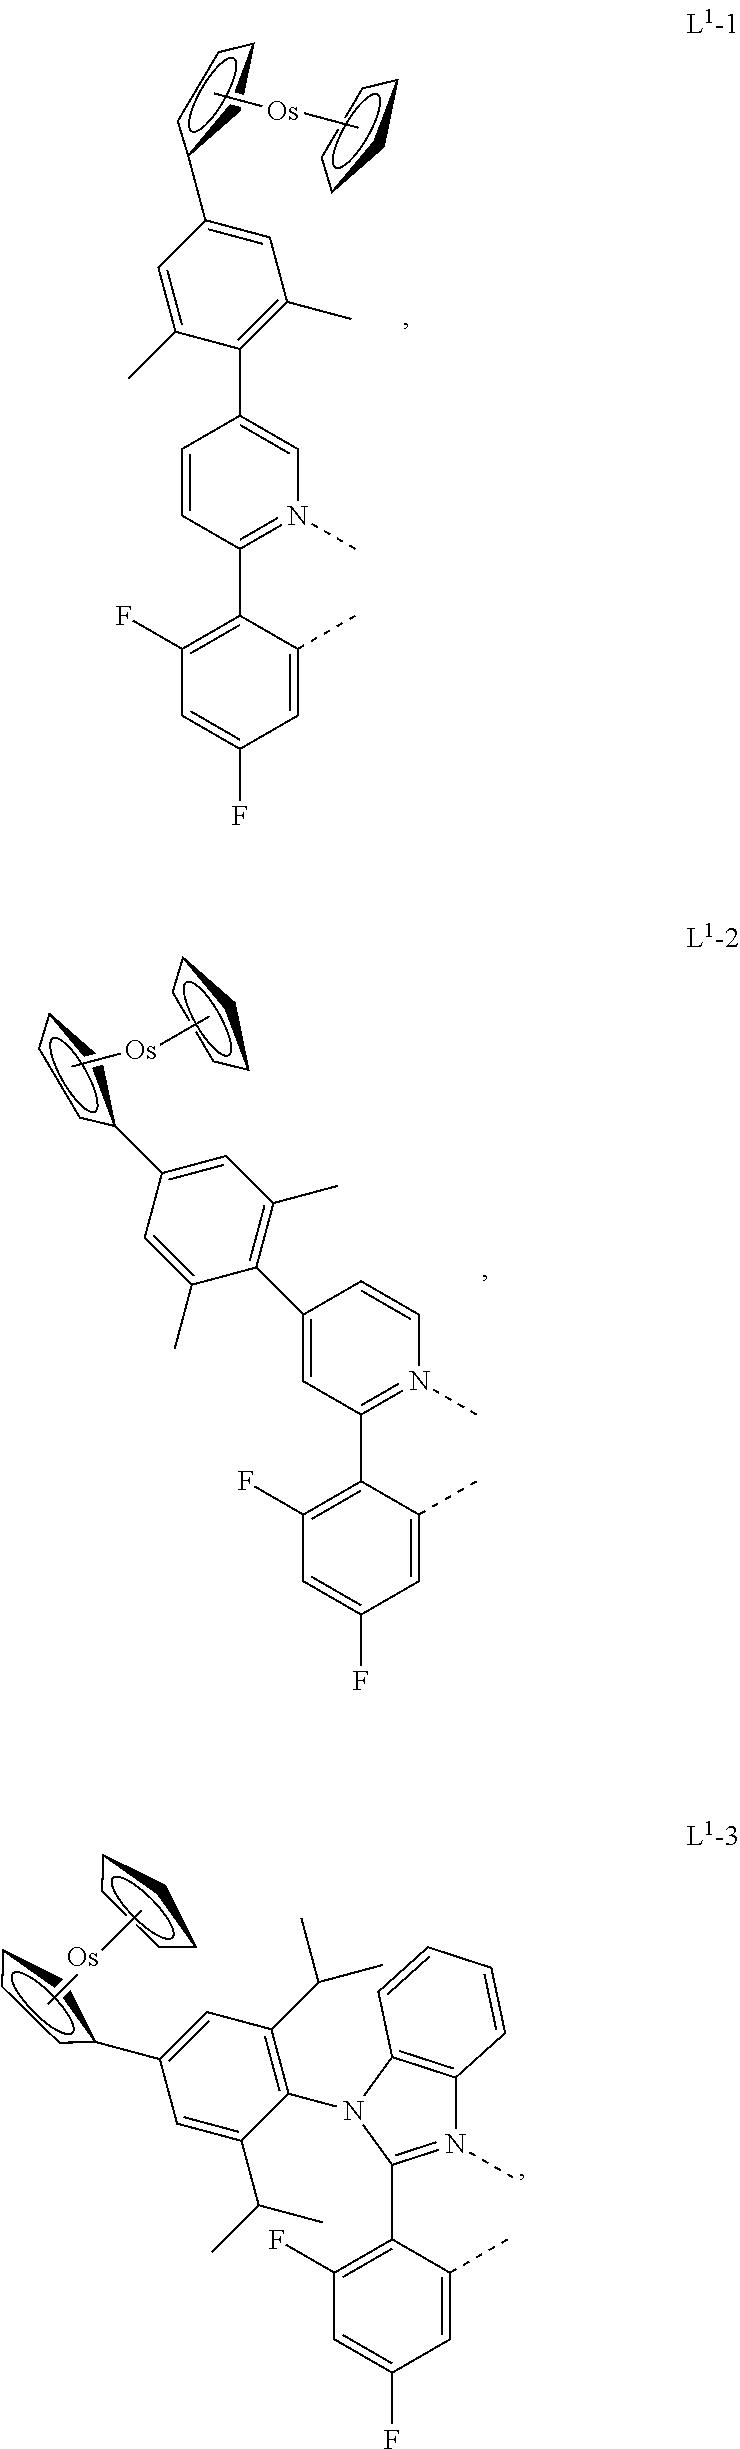 Figure US09680113-20170613-C00011